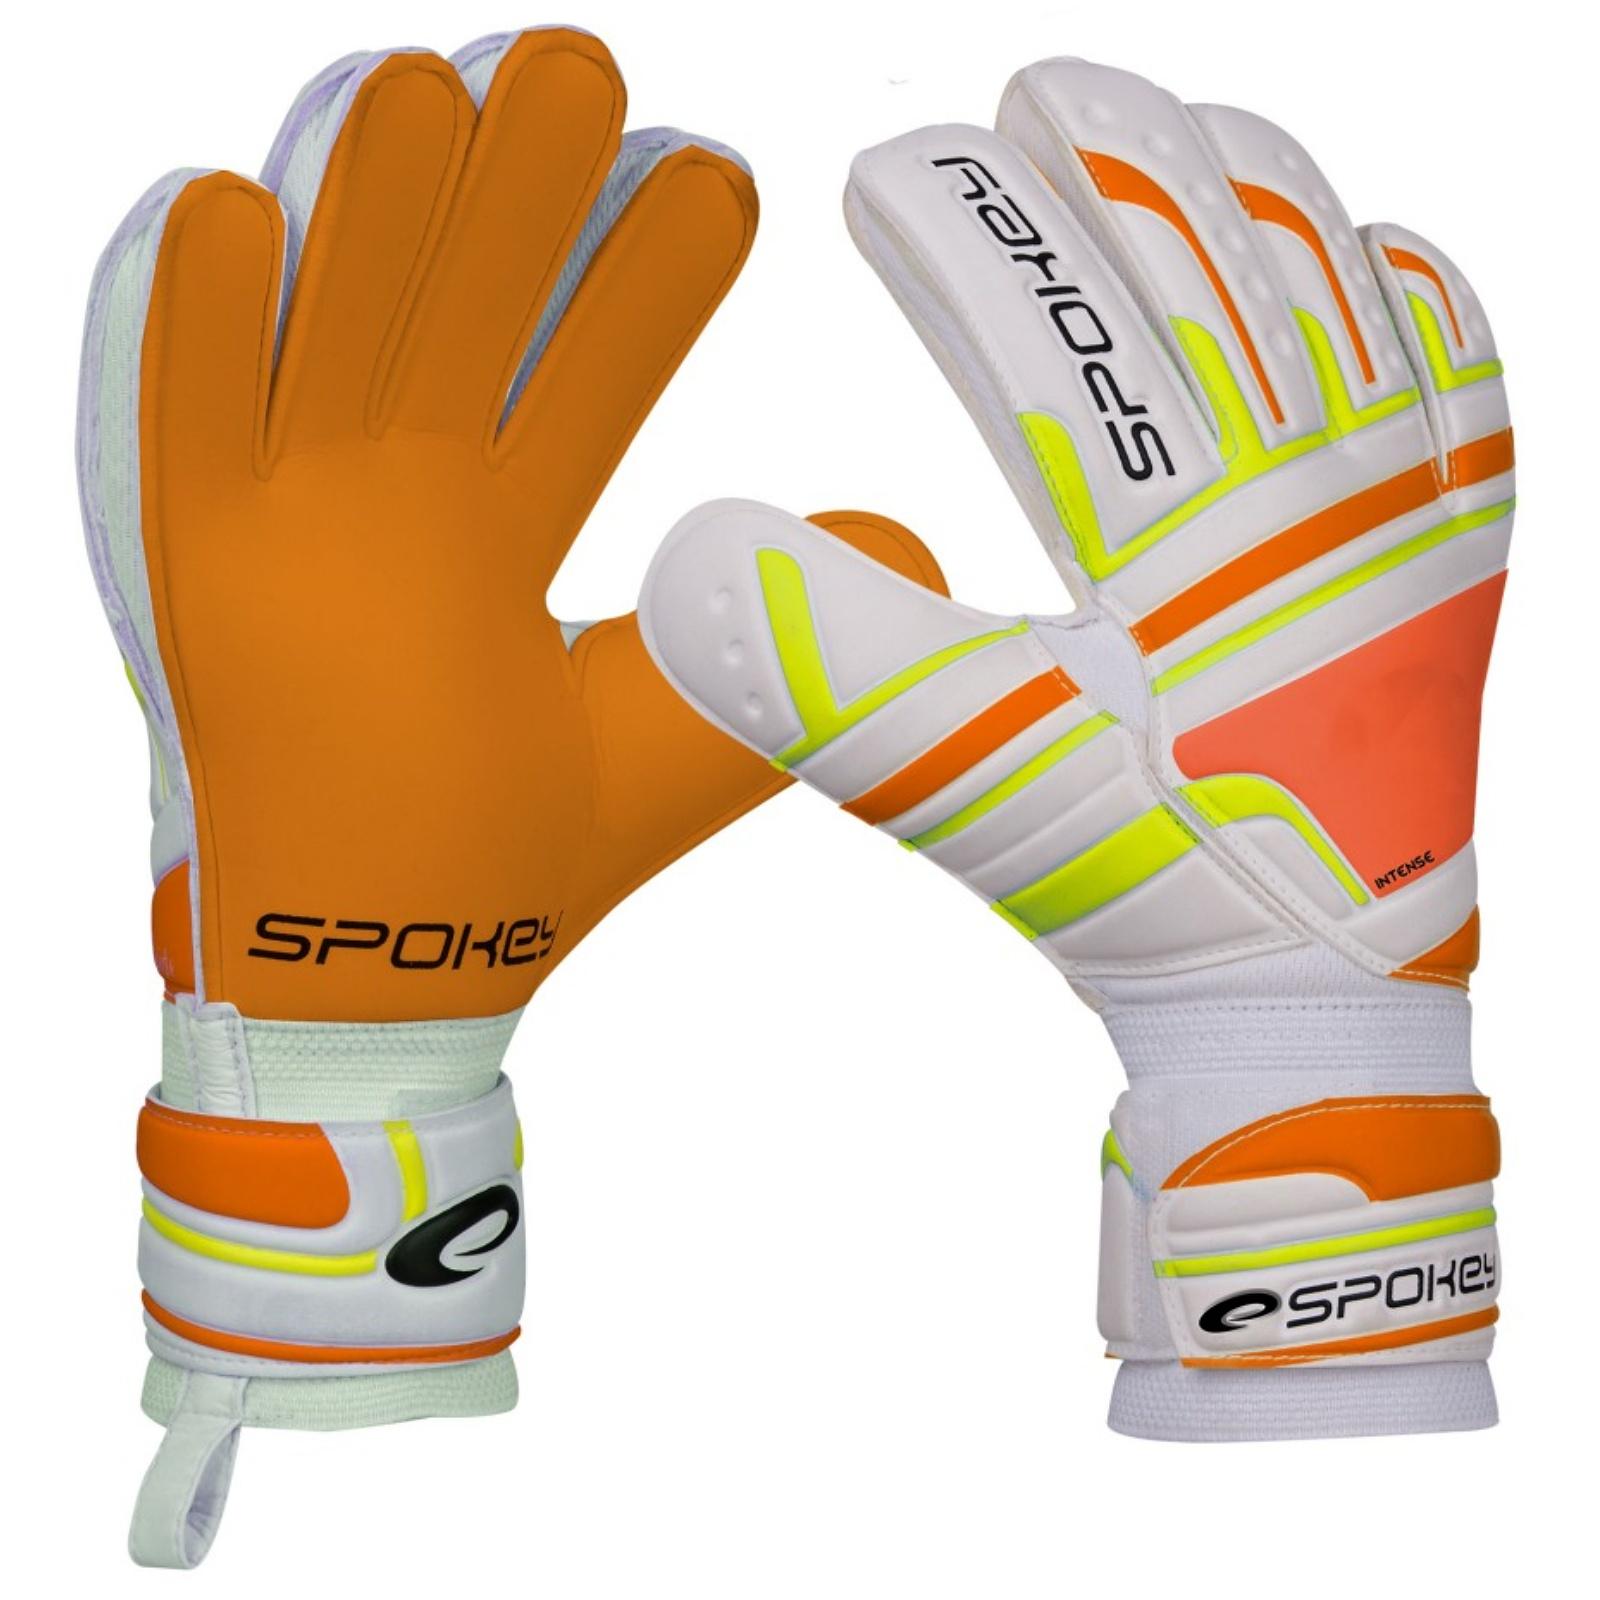 Brankářské rukavice SPOKEY Intense 5 oranžové e9b2b080d8